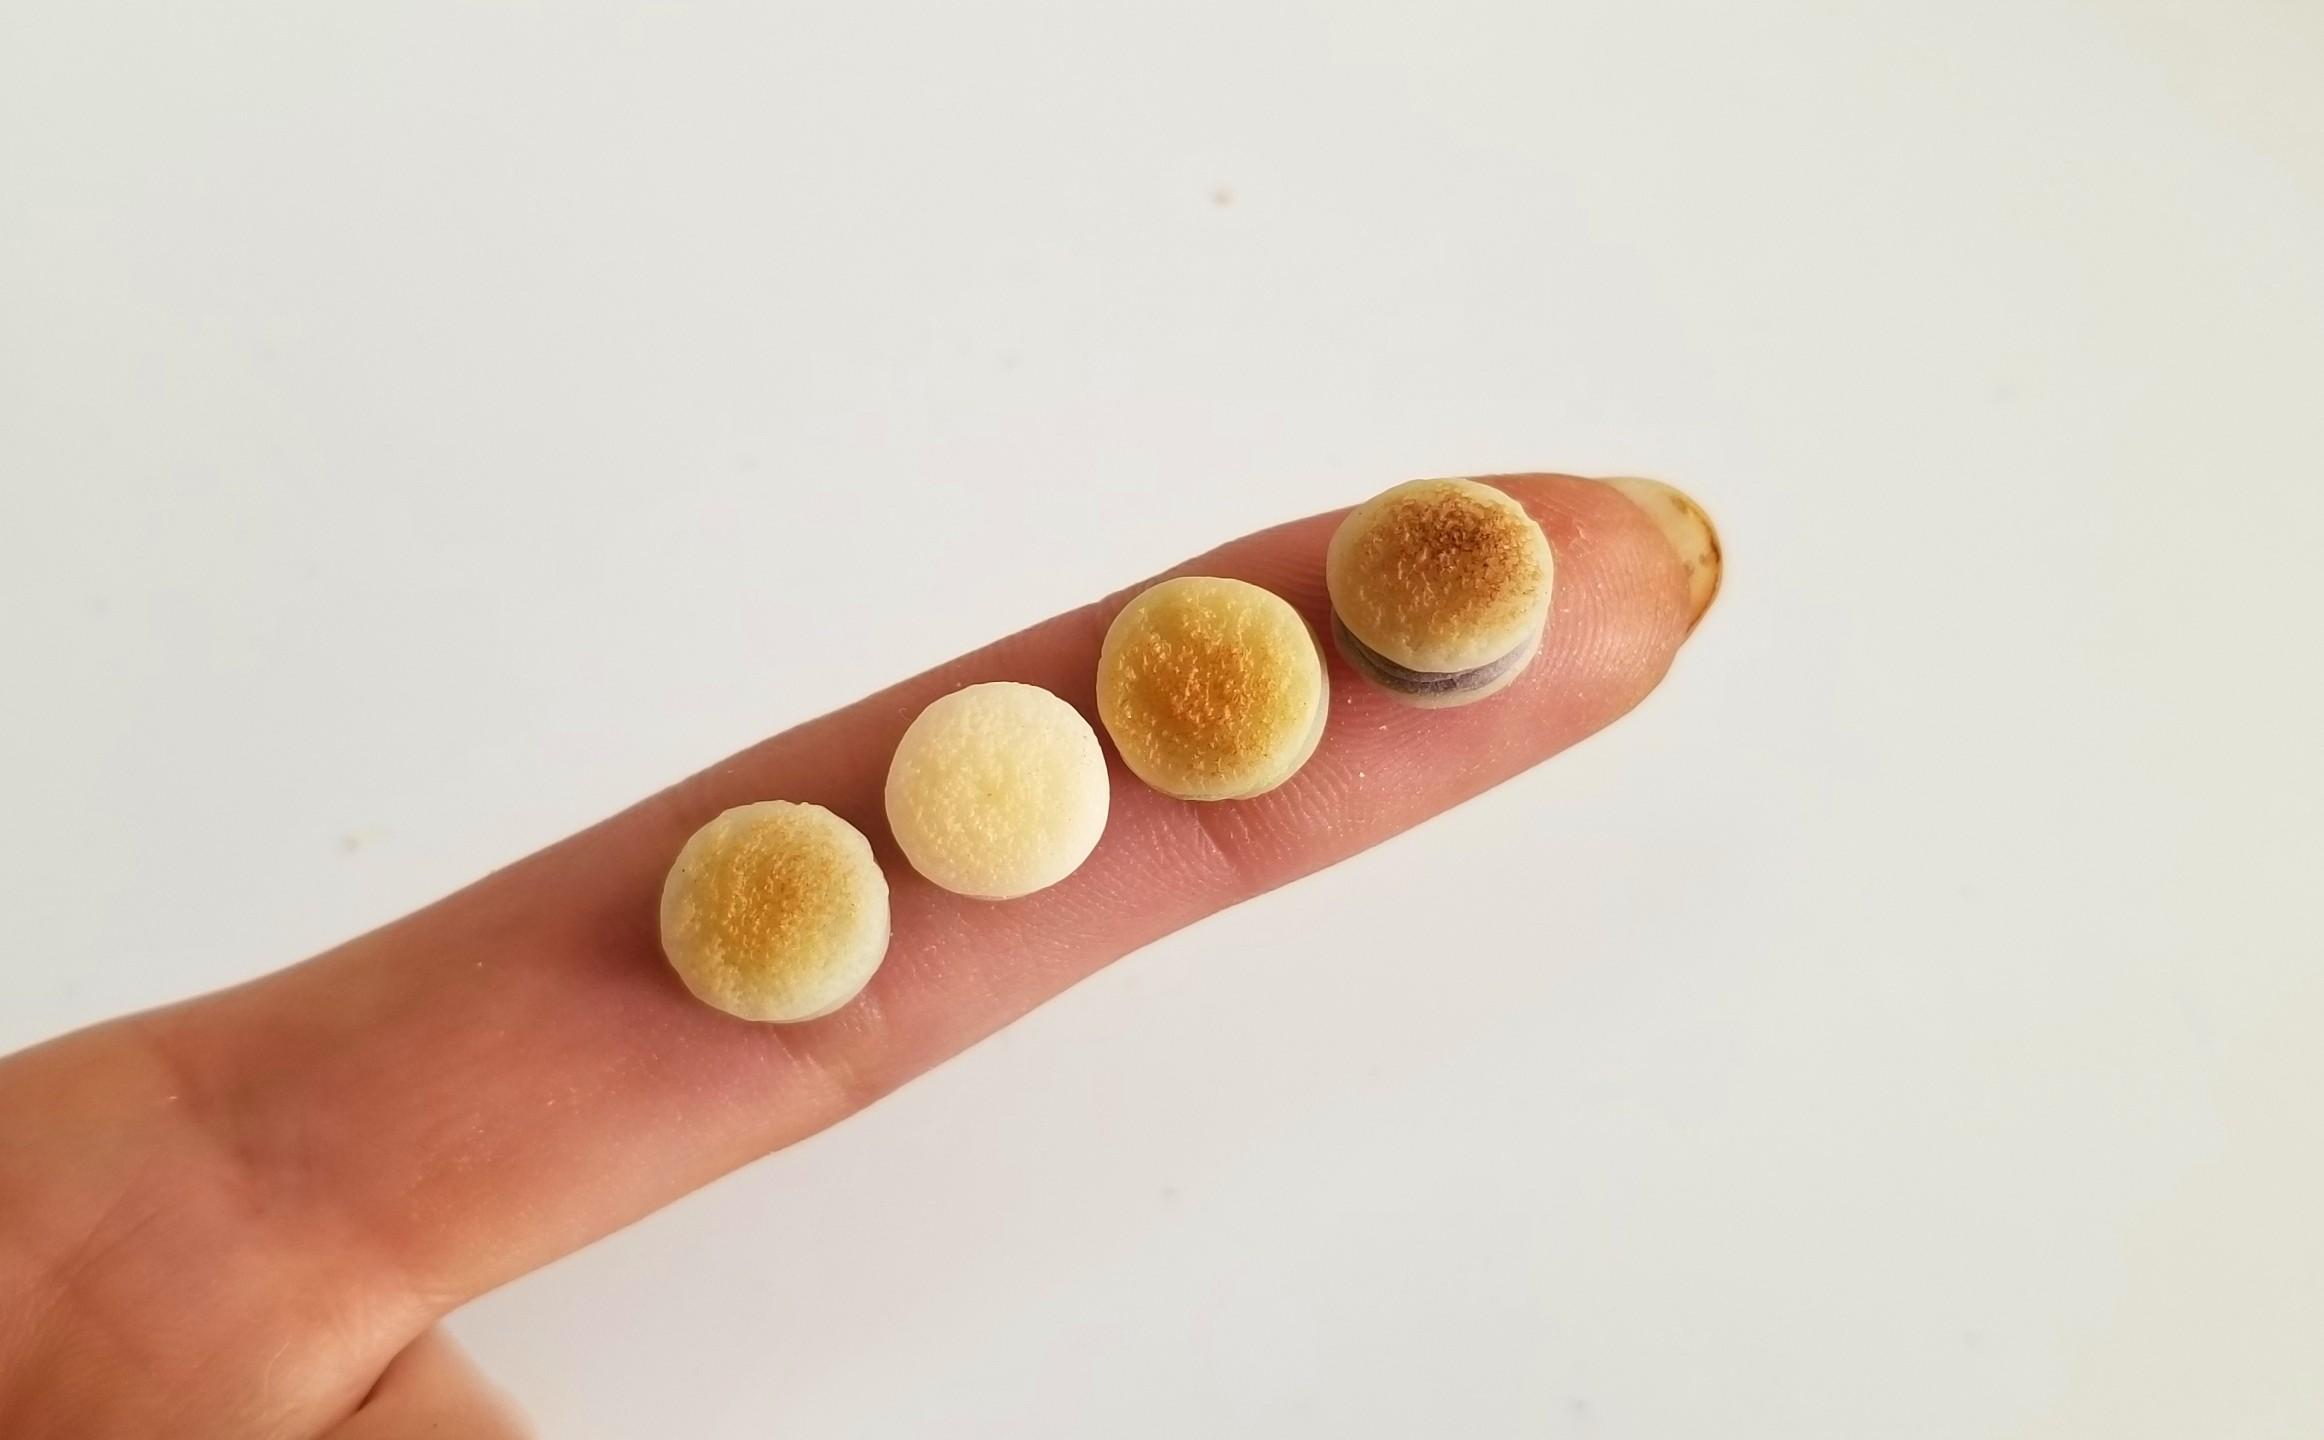 ミニチュア,和菓子,クリームどら焼き,樹脂粘土,ねんどろいど,オビツ